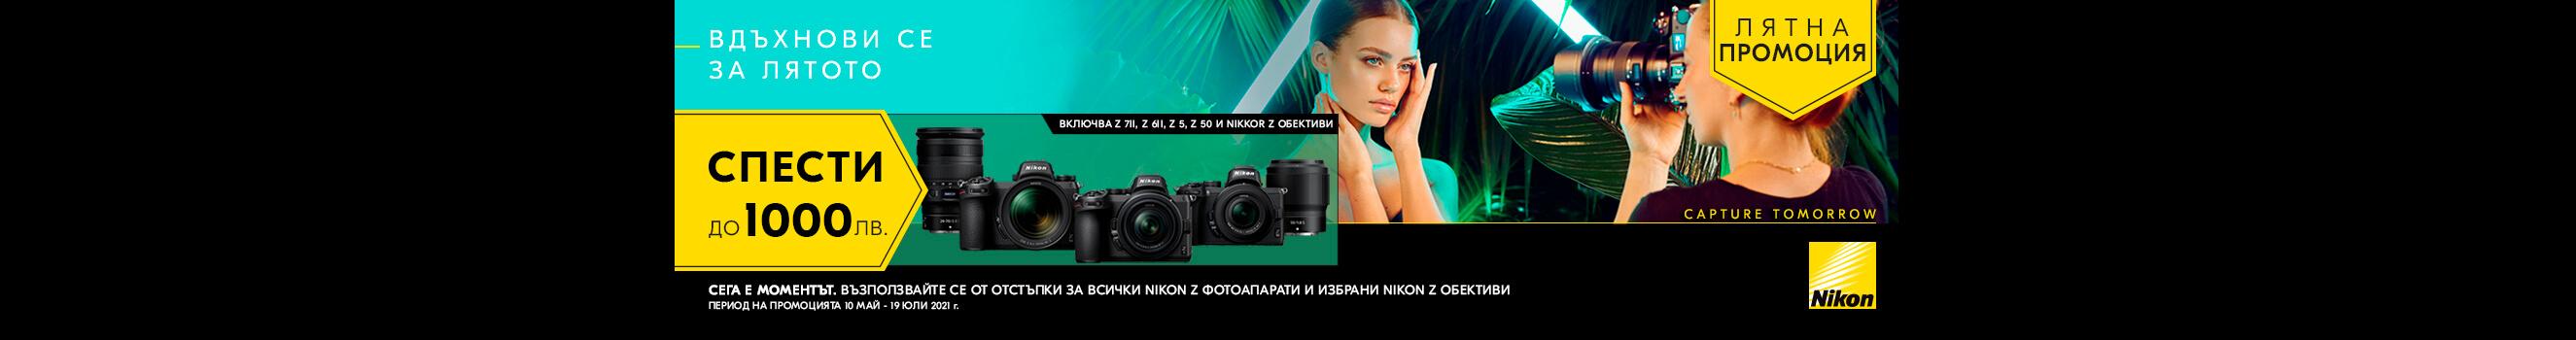 Фотоапарати Nikon Z и обективи Nikkor Z с до 1000 лв. отстъпка от цената в магазини ФотоСинтезис